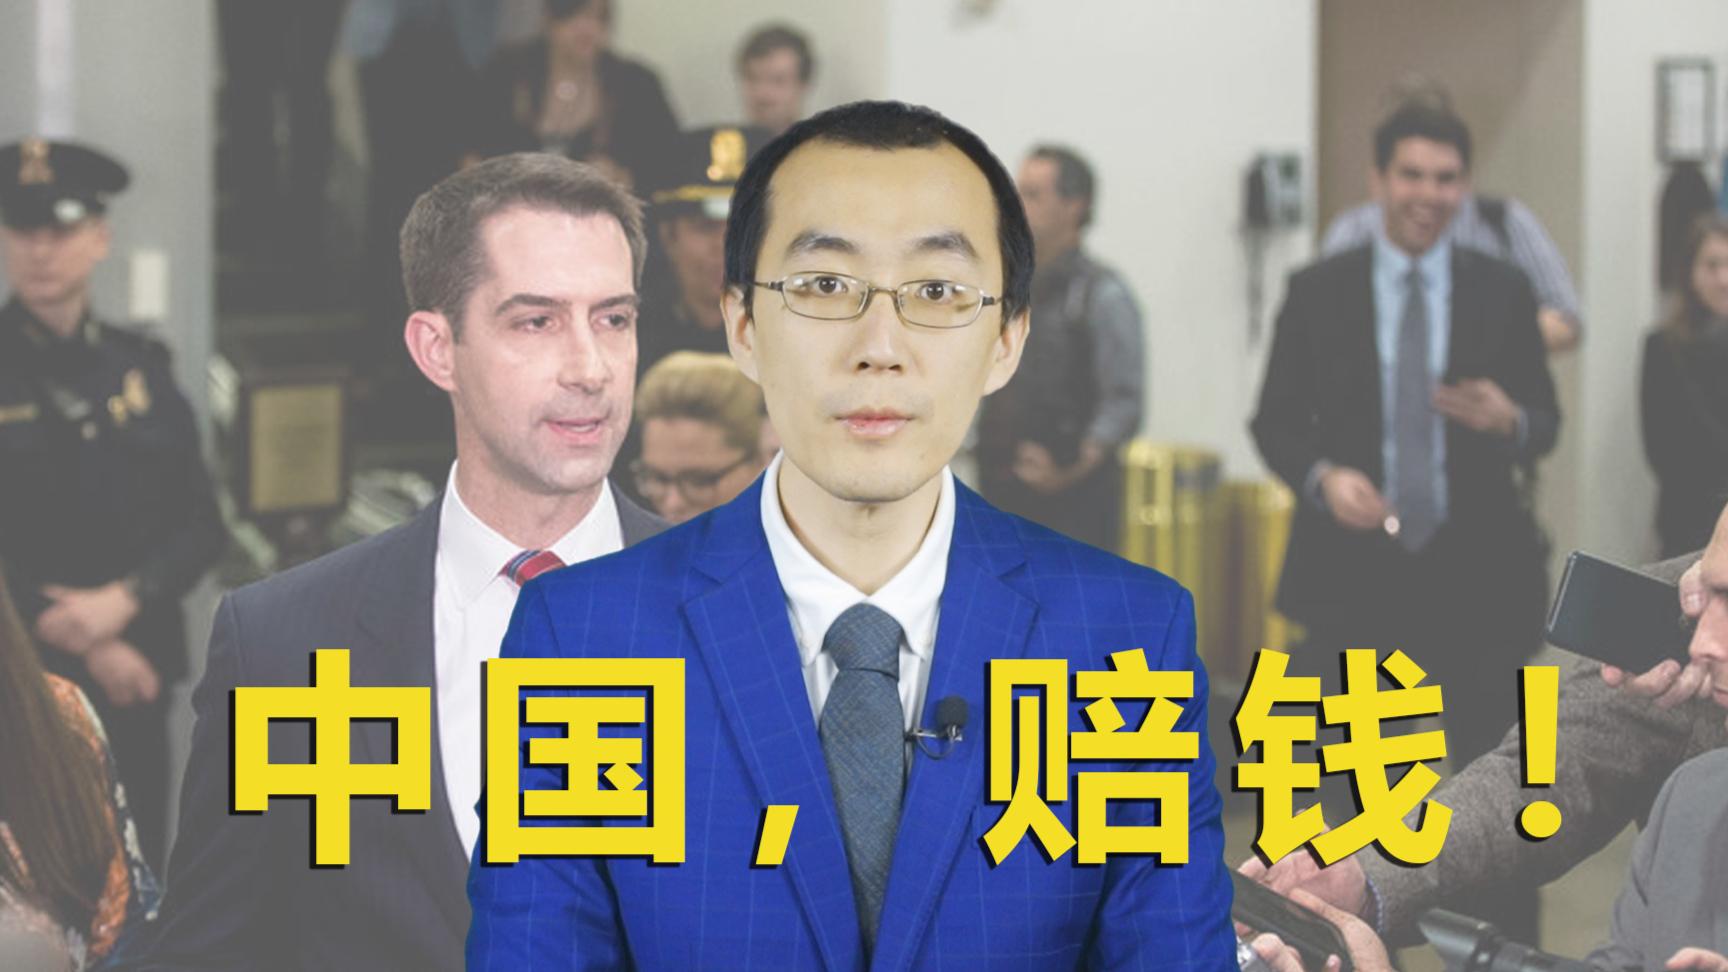 """【懂点儿啥】美国反华议员""""向中国索赔""""章家敦律师都不敢想"""